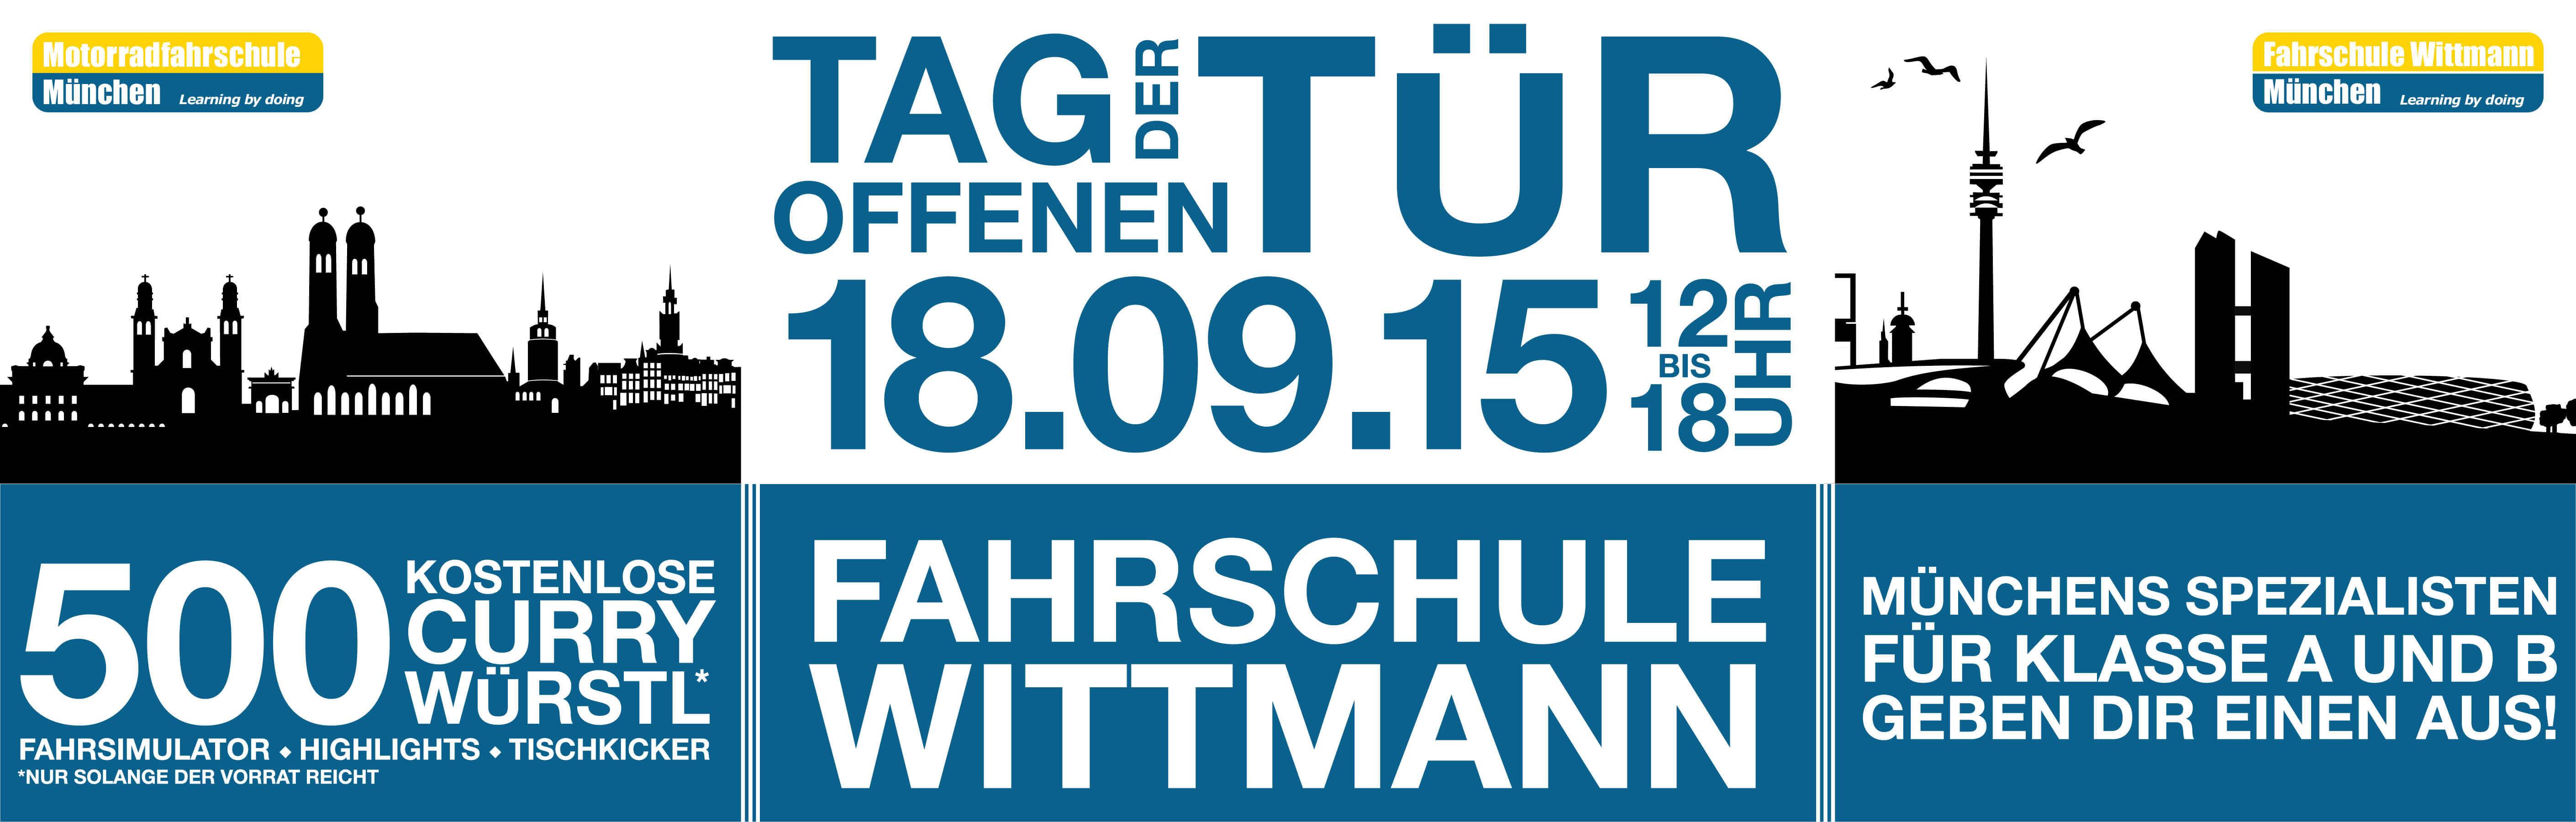 Wann ist tag der offenen tür  Tag der offenen Tür - Fahrschule Wittmann - Fahrschule Wittmann ...